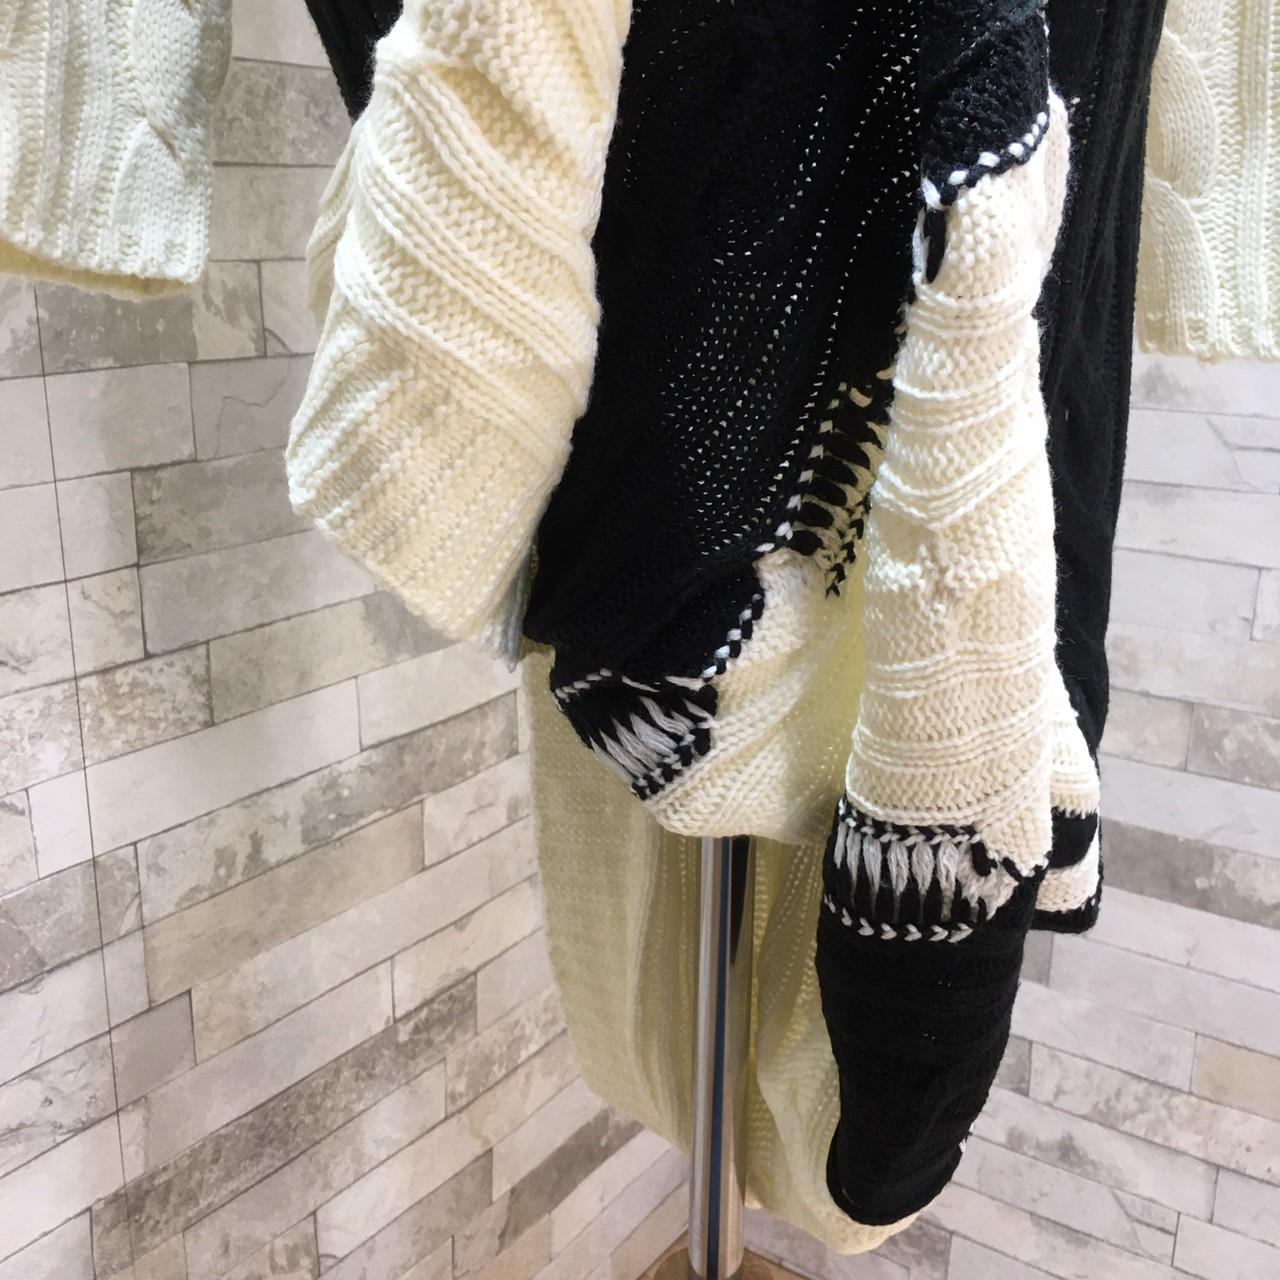 韓国 ファッション ワンピース 秋 冬 カジュアル PTXD698  モノトーン ハイネック ウエストマーク ミディ丈 ケーブルニット オフィス オルチャン シンプル 定番 セレカジの写真20枚目